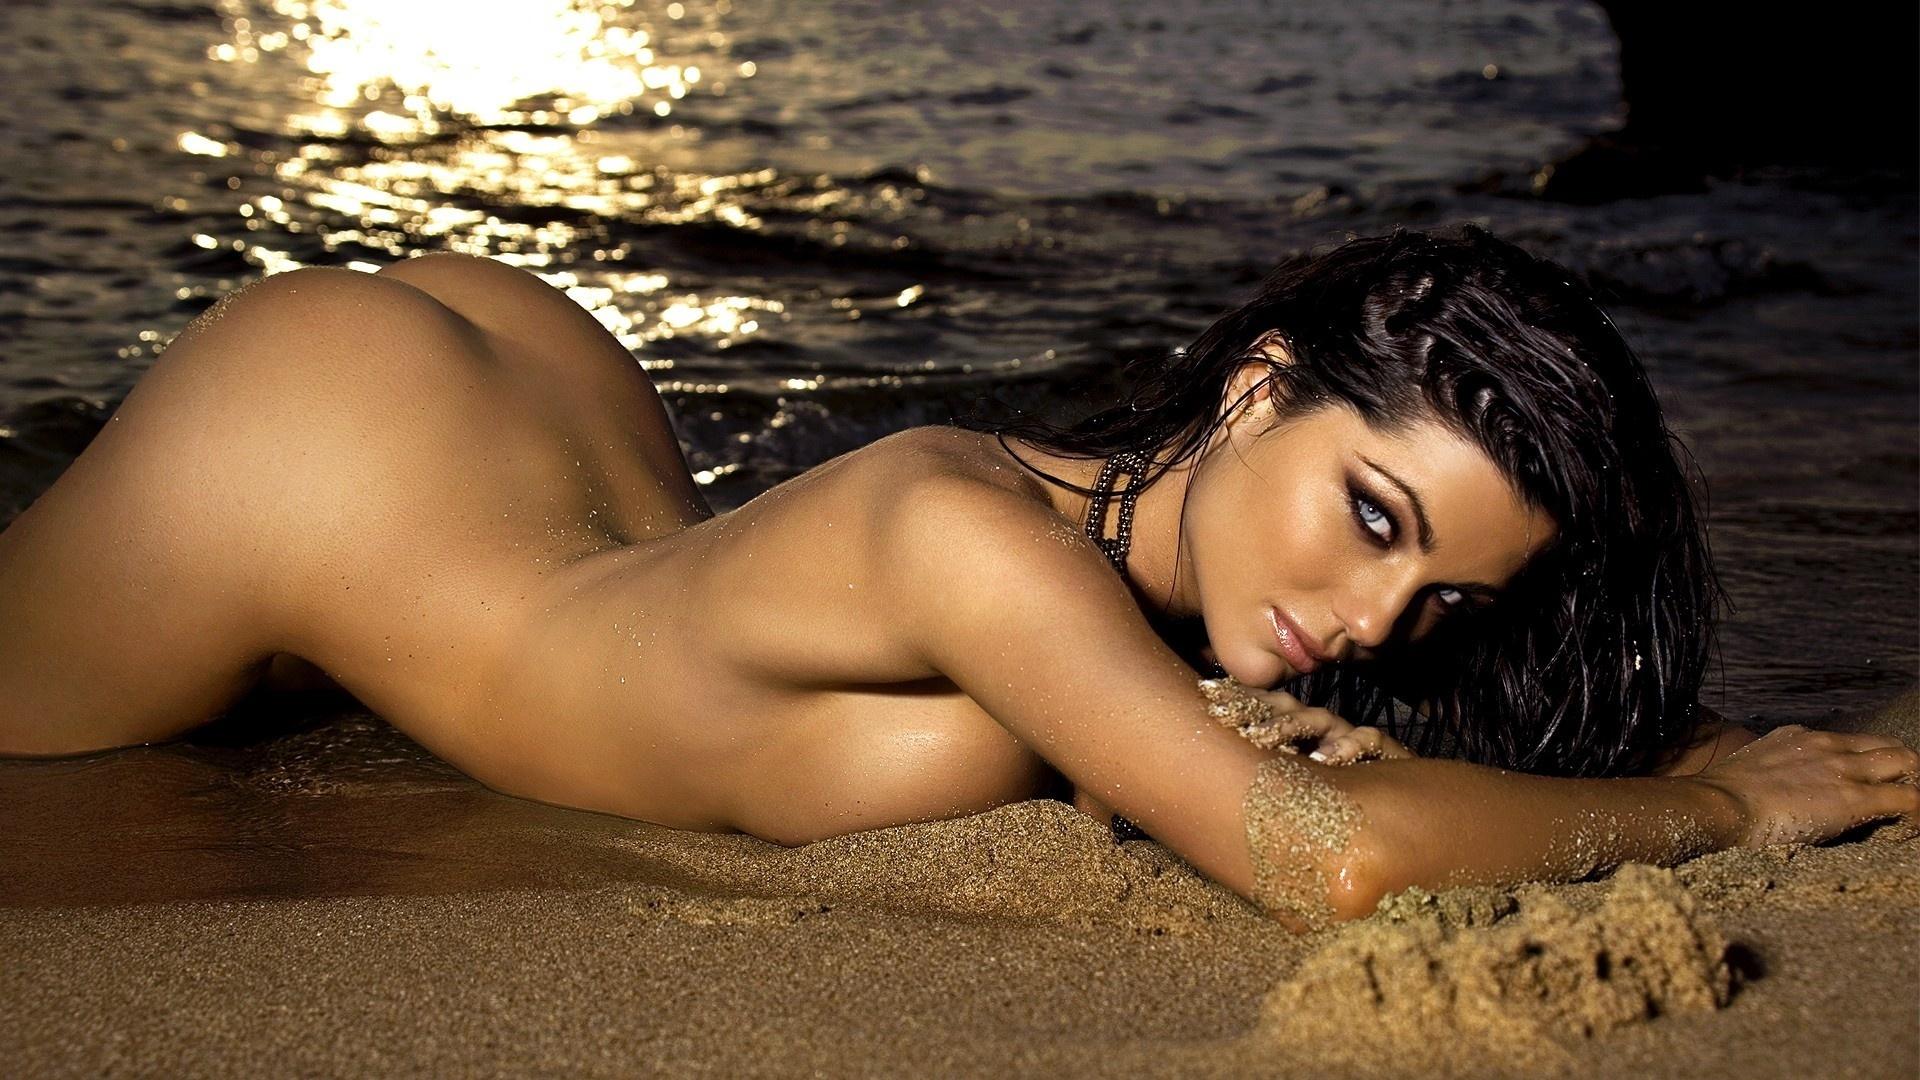 Фото эротика девушки супер красотки фотогалерея — pic 3